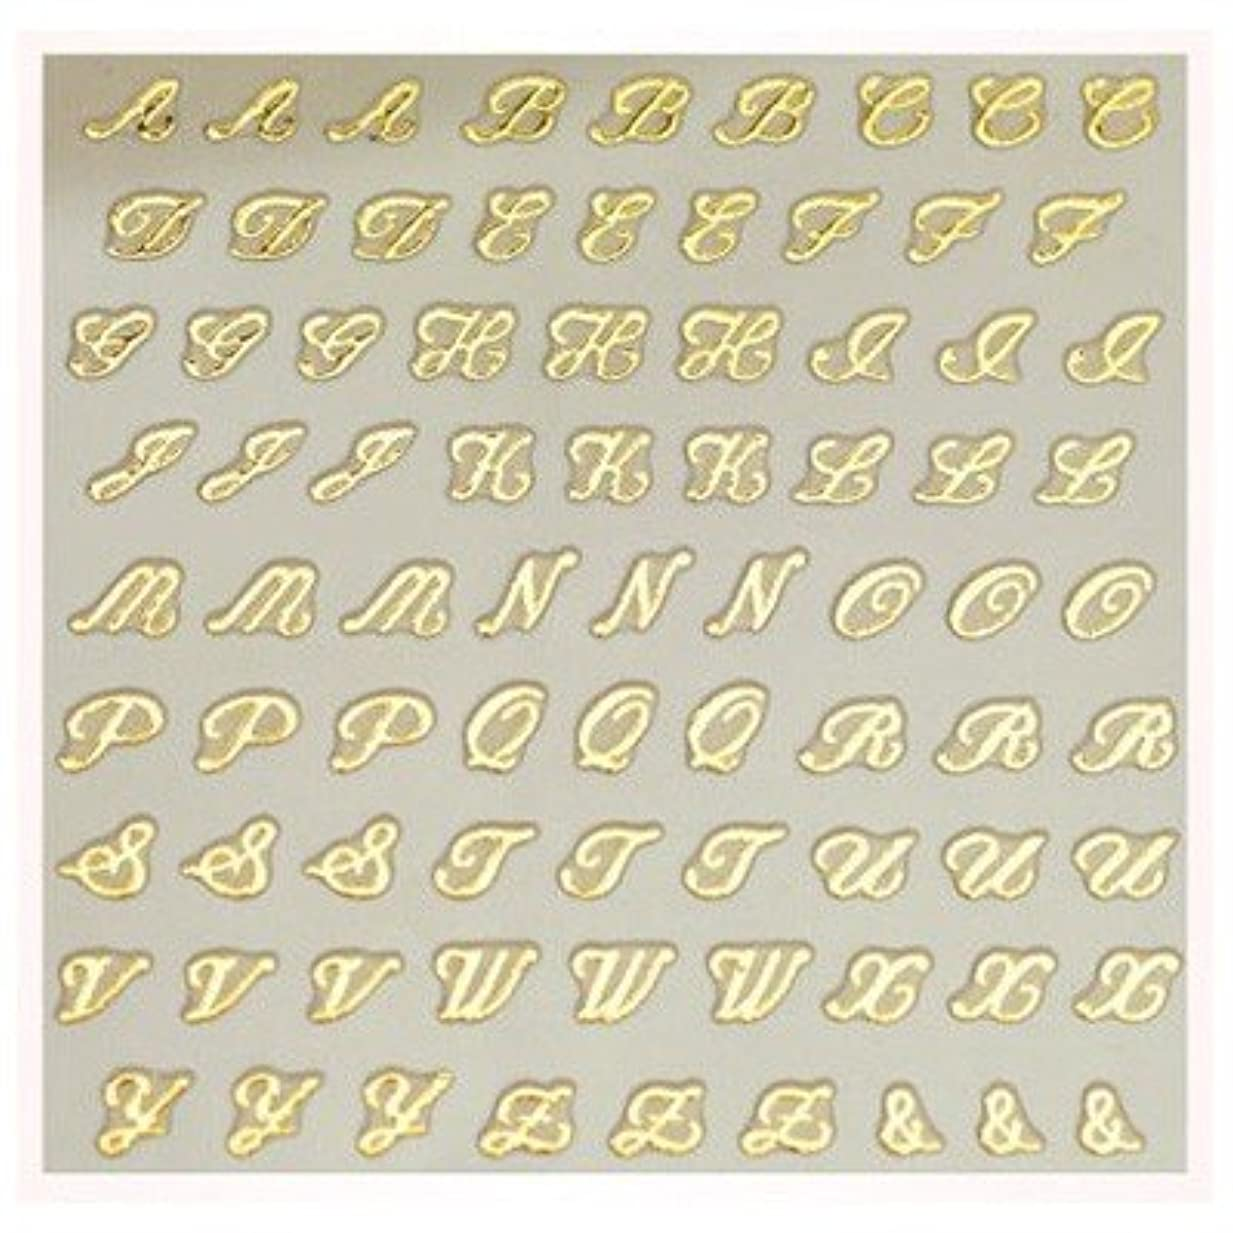 感度五十海嶺文字ネイルシール アルファベット イニシャル ピアドラ pieadra×BLC ネイルシール ブローチイニシャル 小 ゴールド